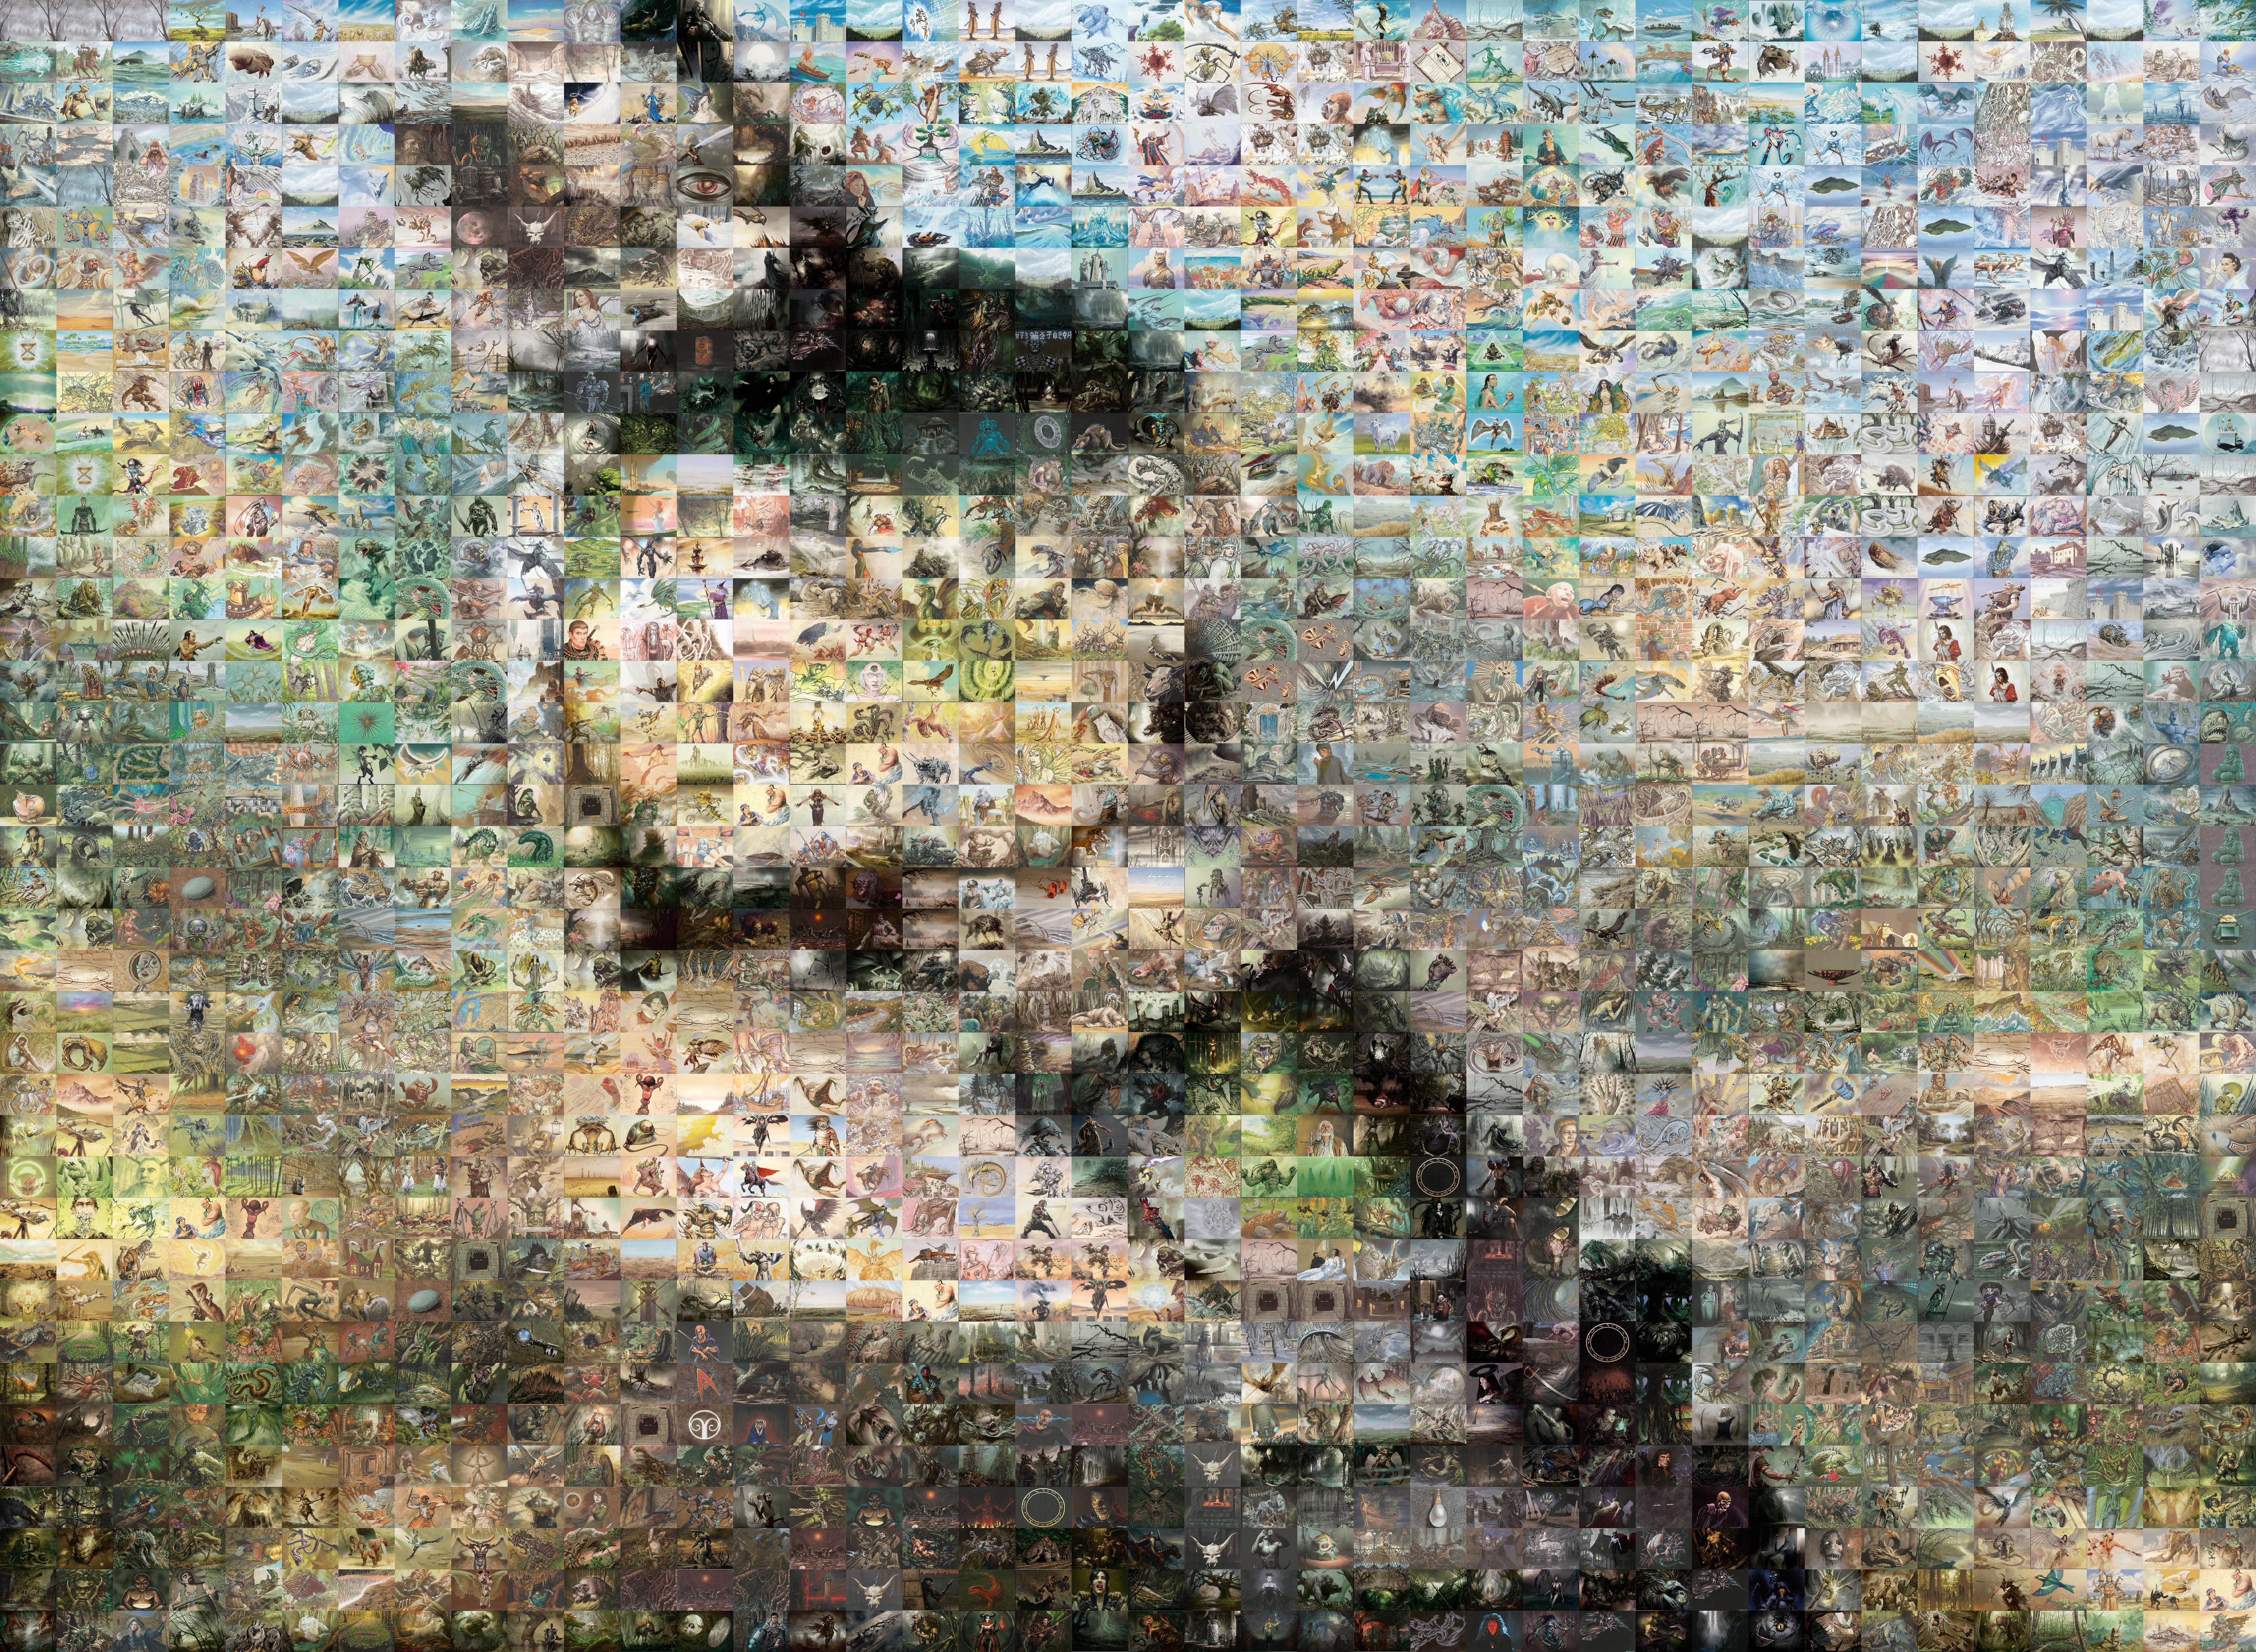 selesnya-keyrune-mosaic